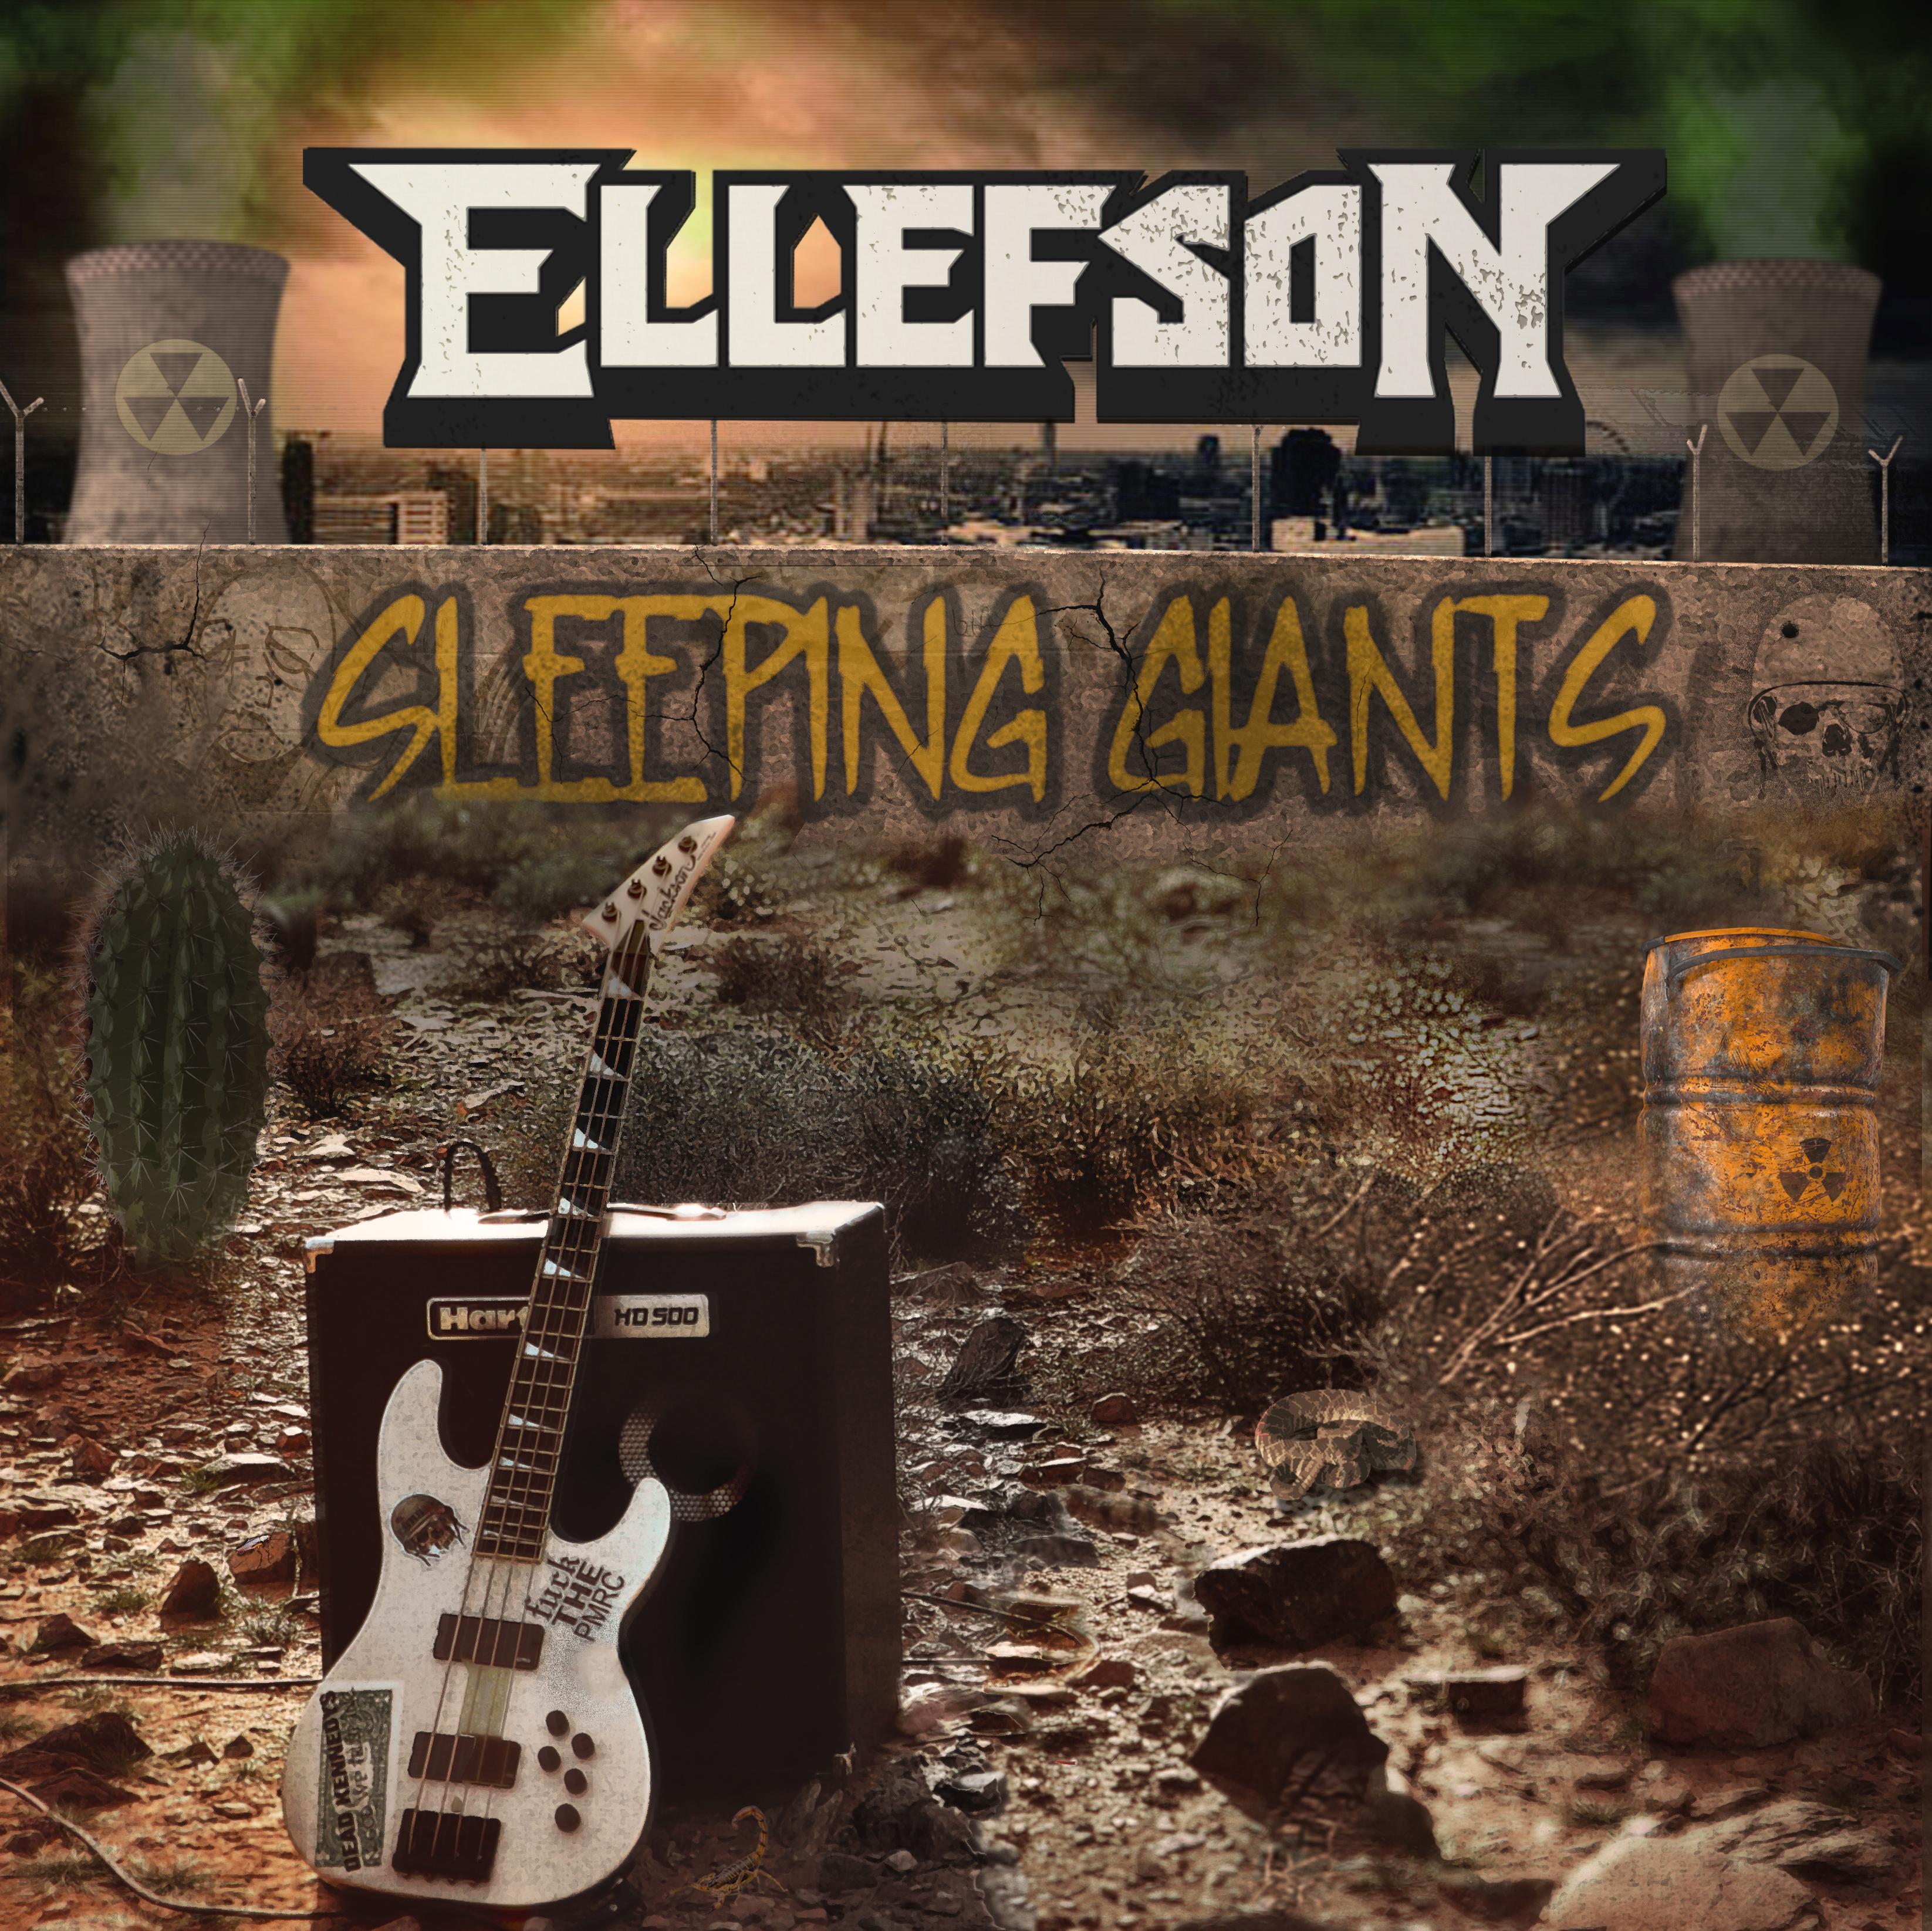 Disco favorito de Megadeth - Página 2 Ellefson-front-copy-1